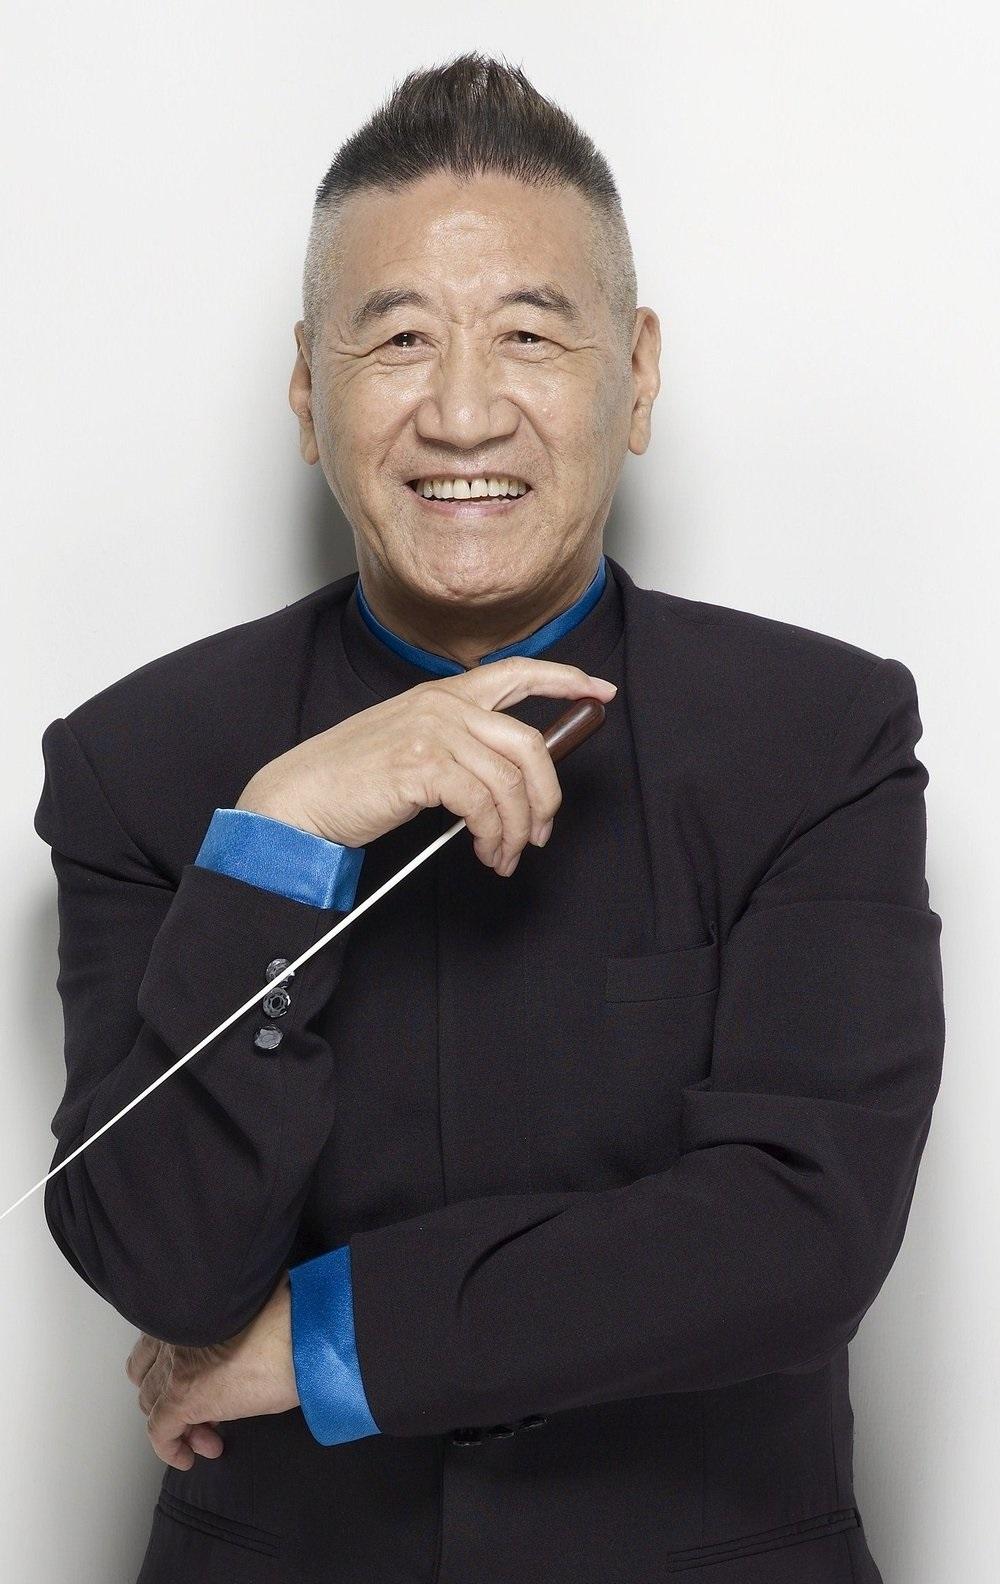 瞿春泉担任本团音乐总监、美中华人音乐家协会名誉会长